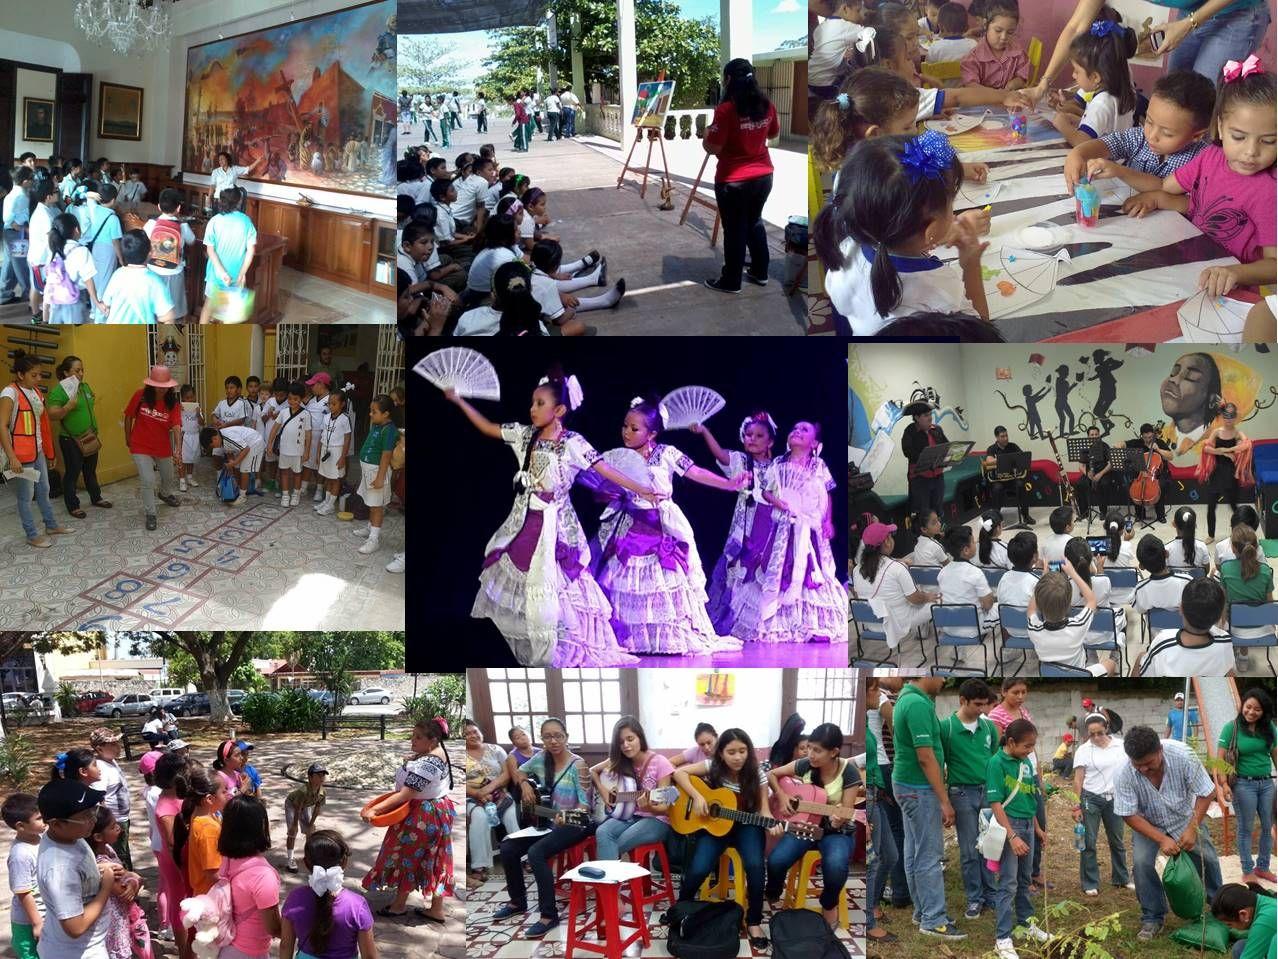 Hola, les comparto un poco de las actividades que se realizan dentro del Centro Infantil, el cual tengo la oportunidad de dirigir desde hace 2 años. =)